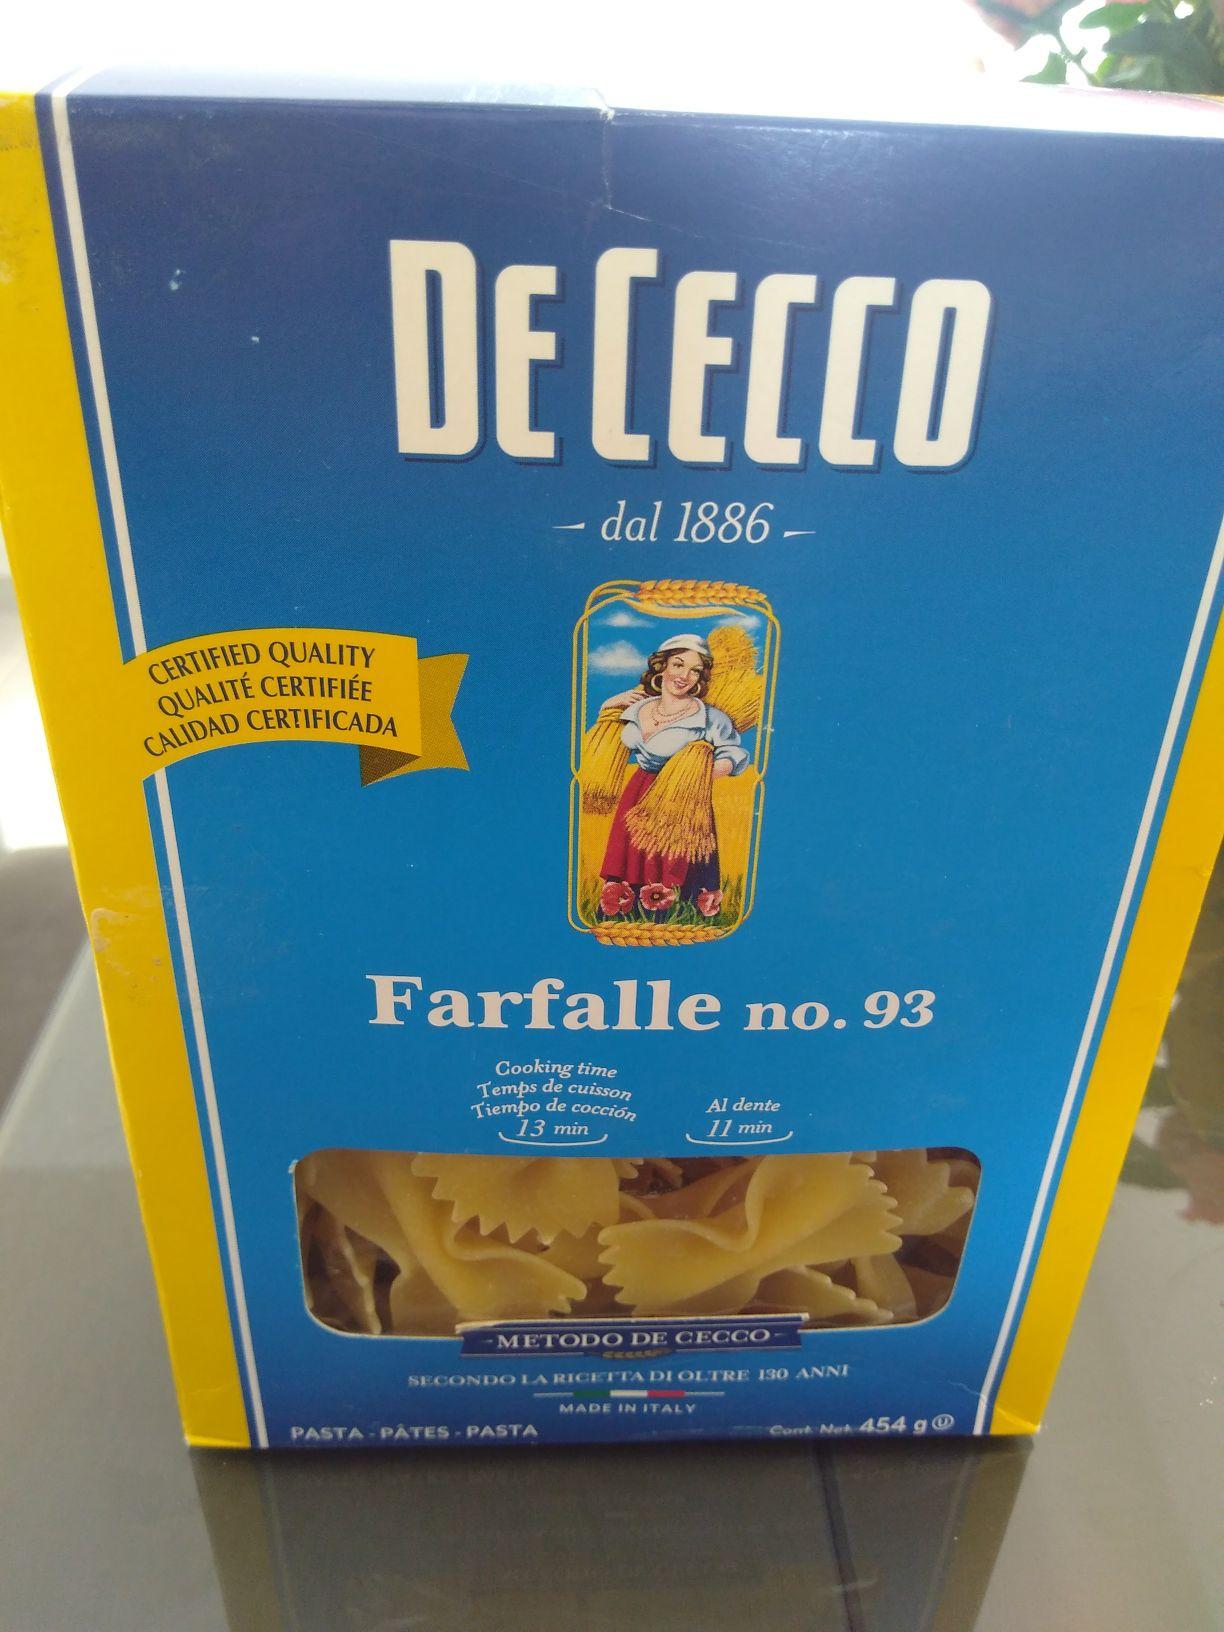 Walmart Pasta farfalle 13.01 y tratamiento capilar L'Oréal 5.01